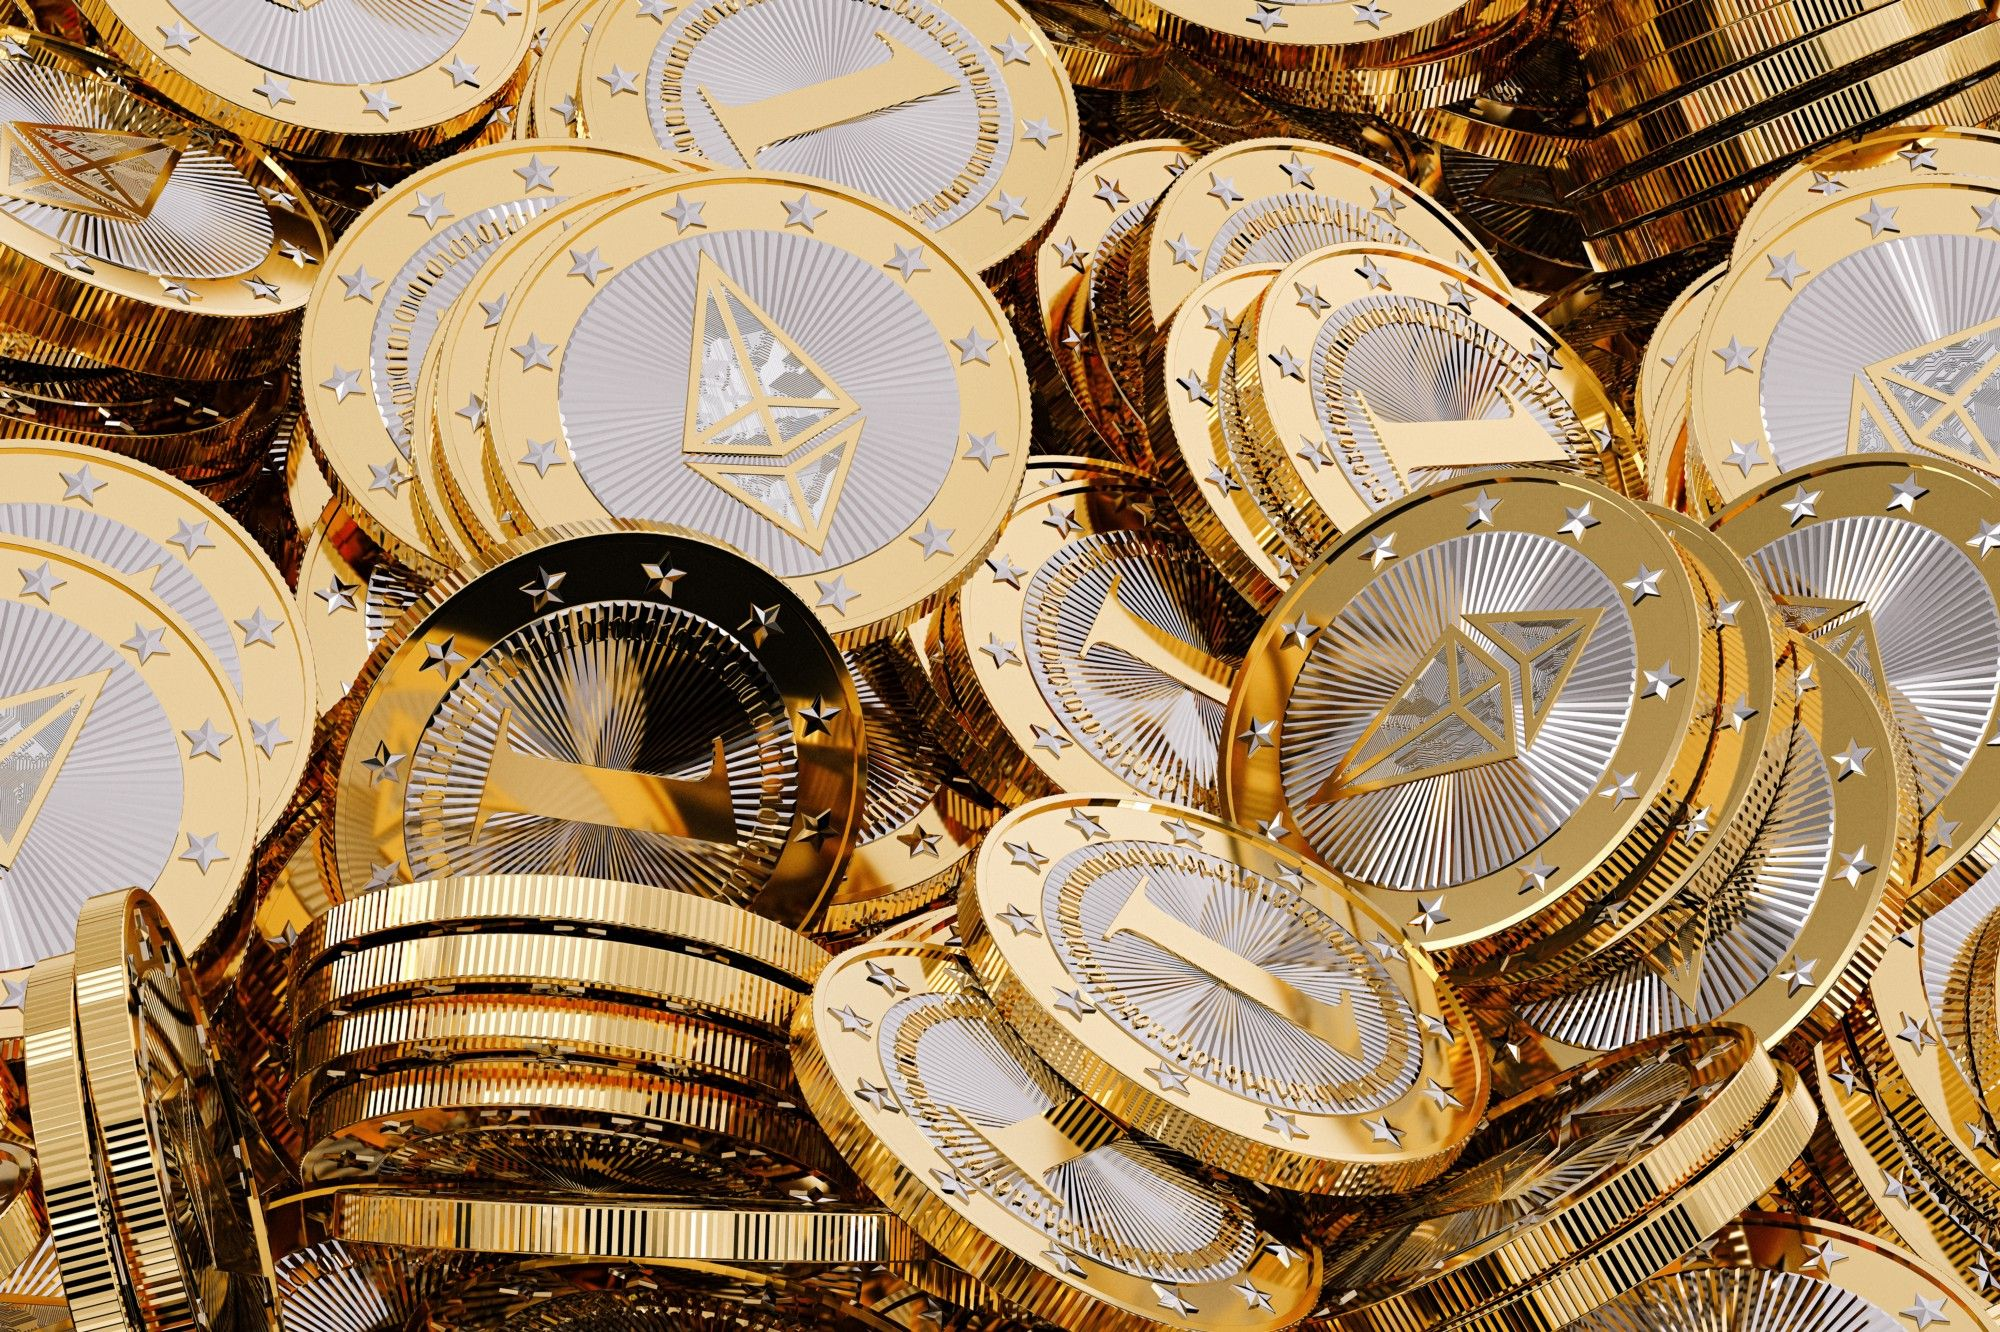 Биткоин побил рекорд стоимости, Ripple под угрозой- Kapital.kz